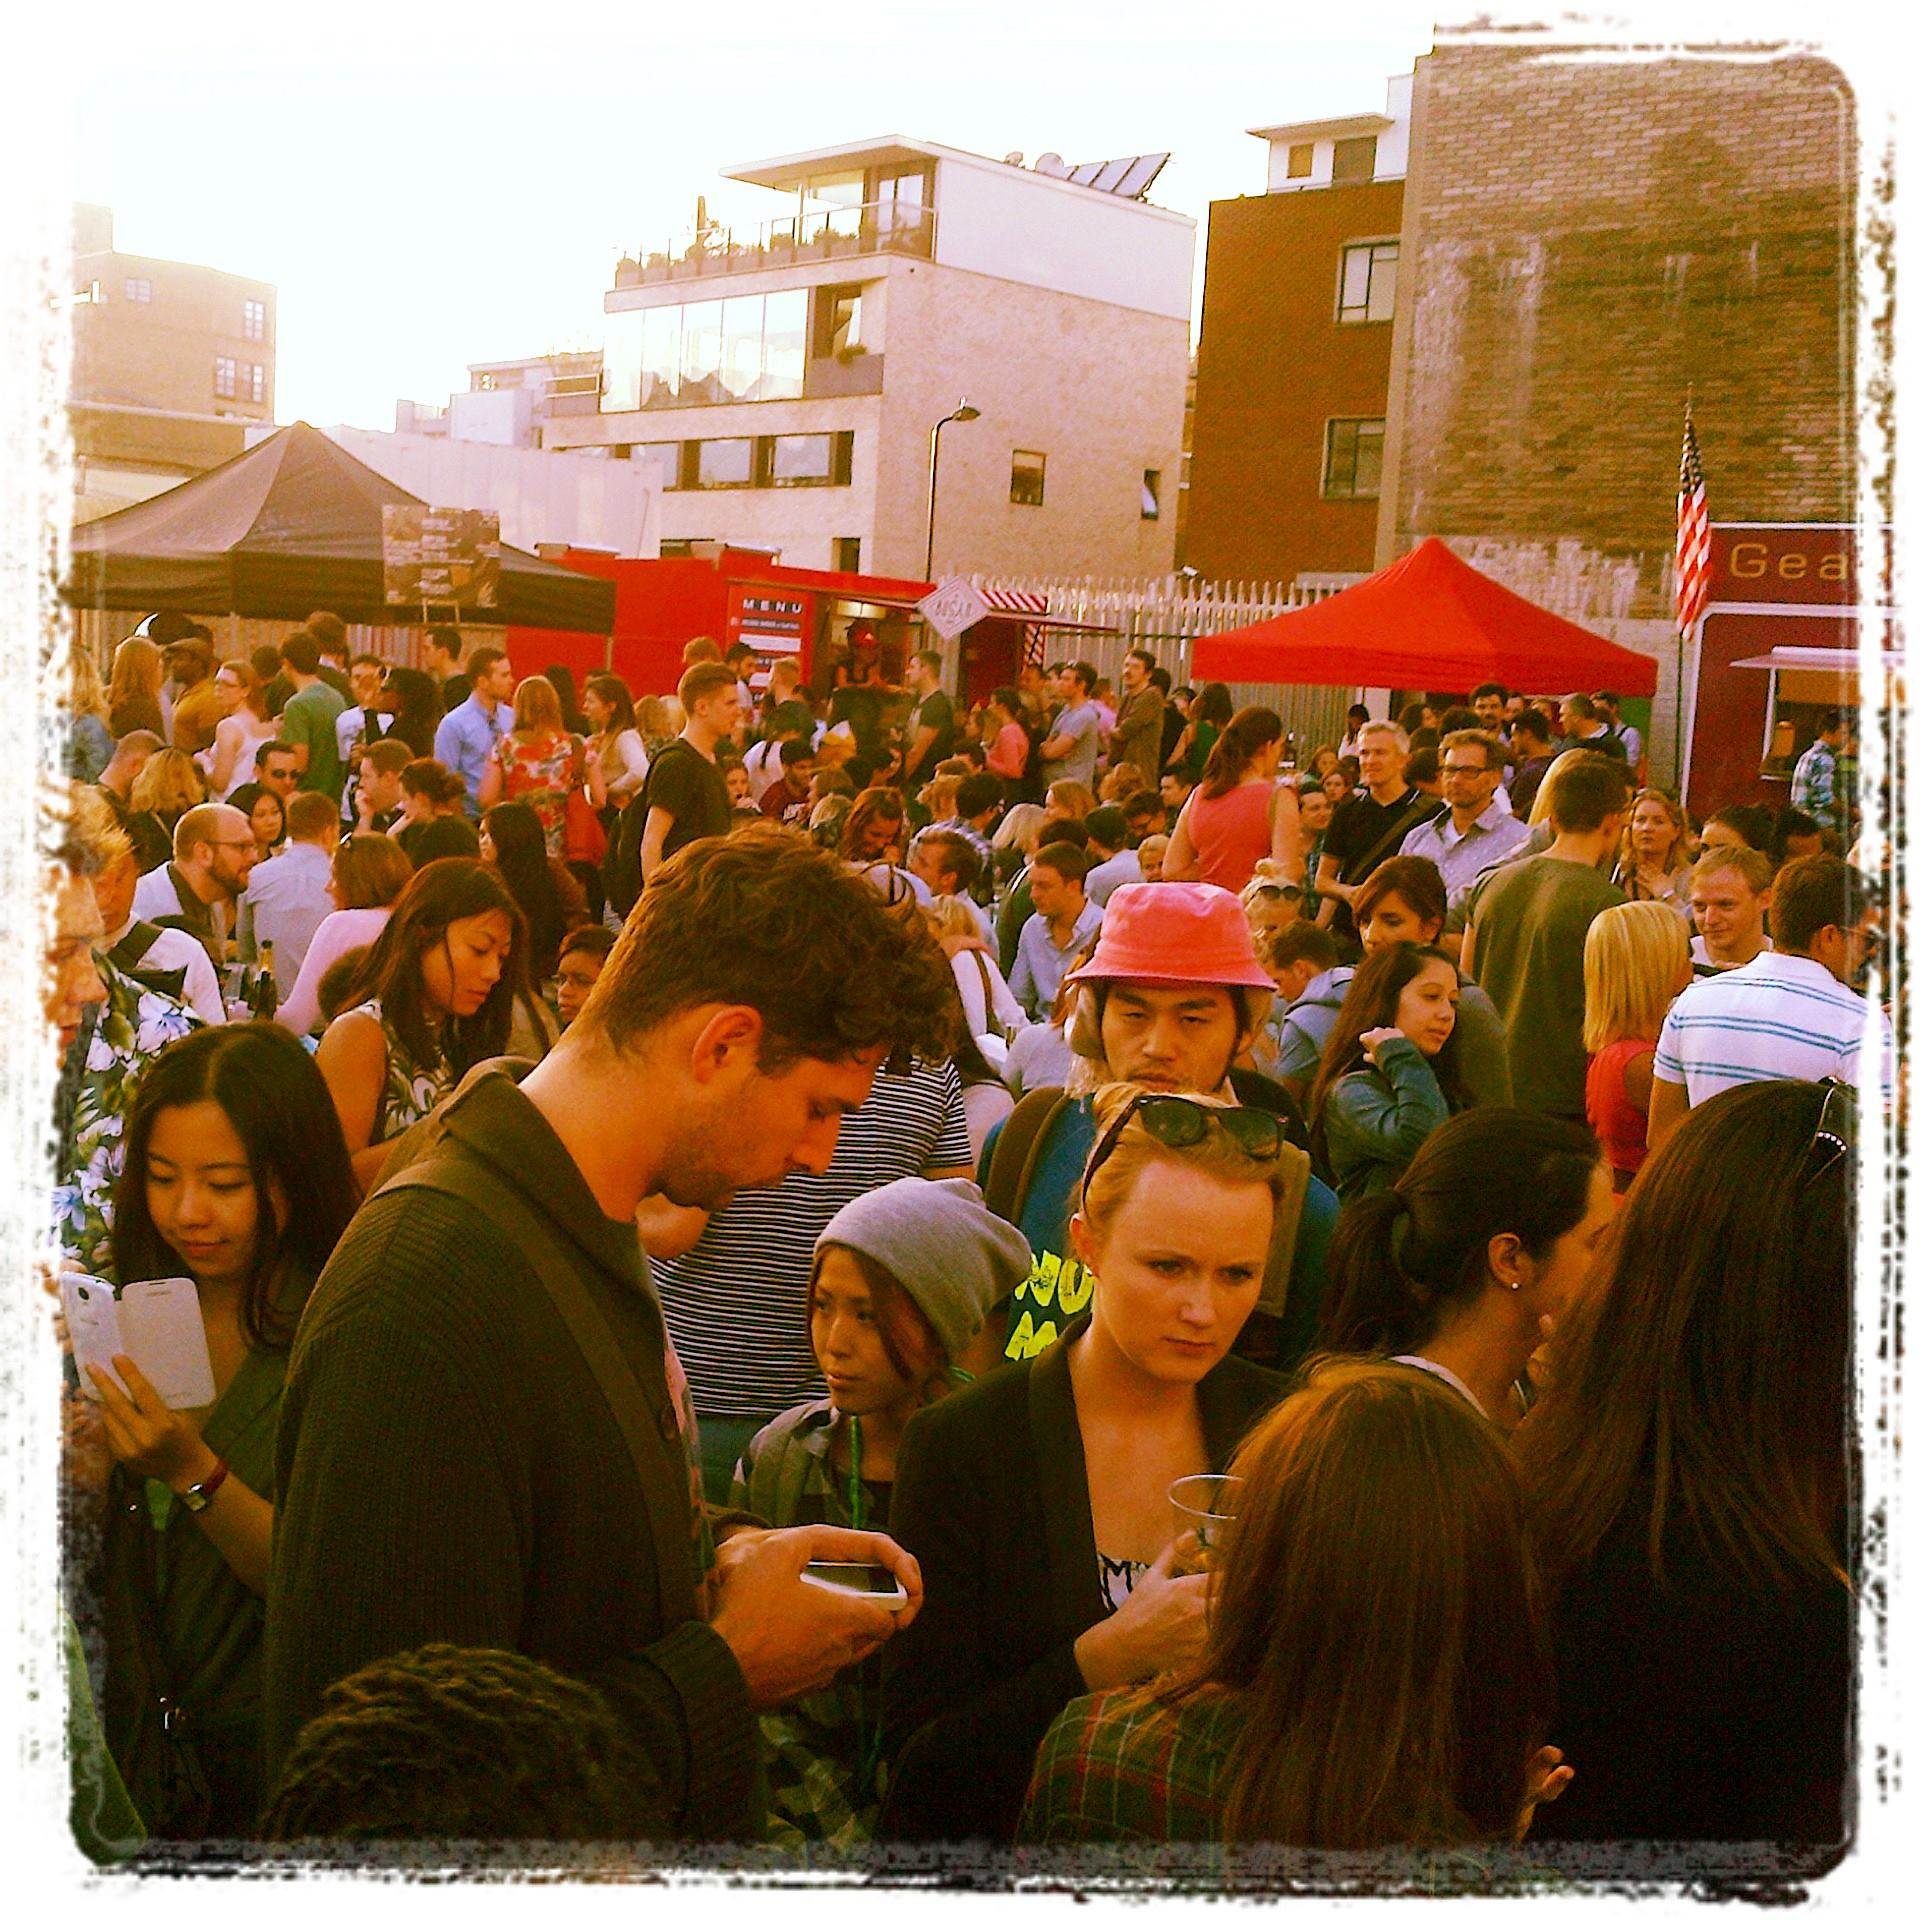 crowd at urban food fest